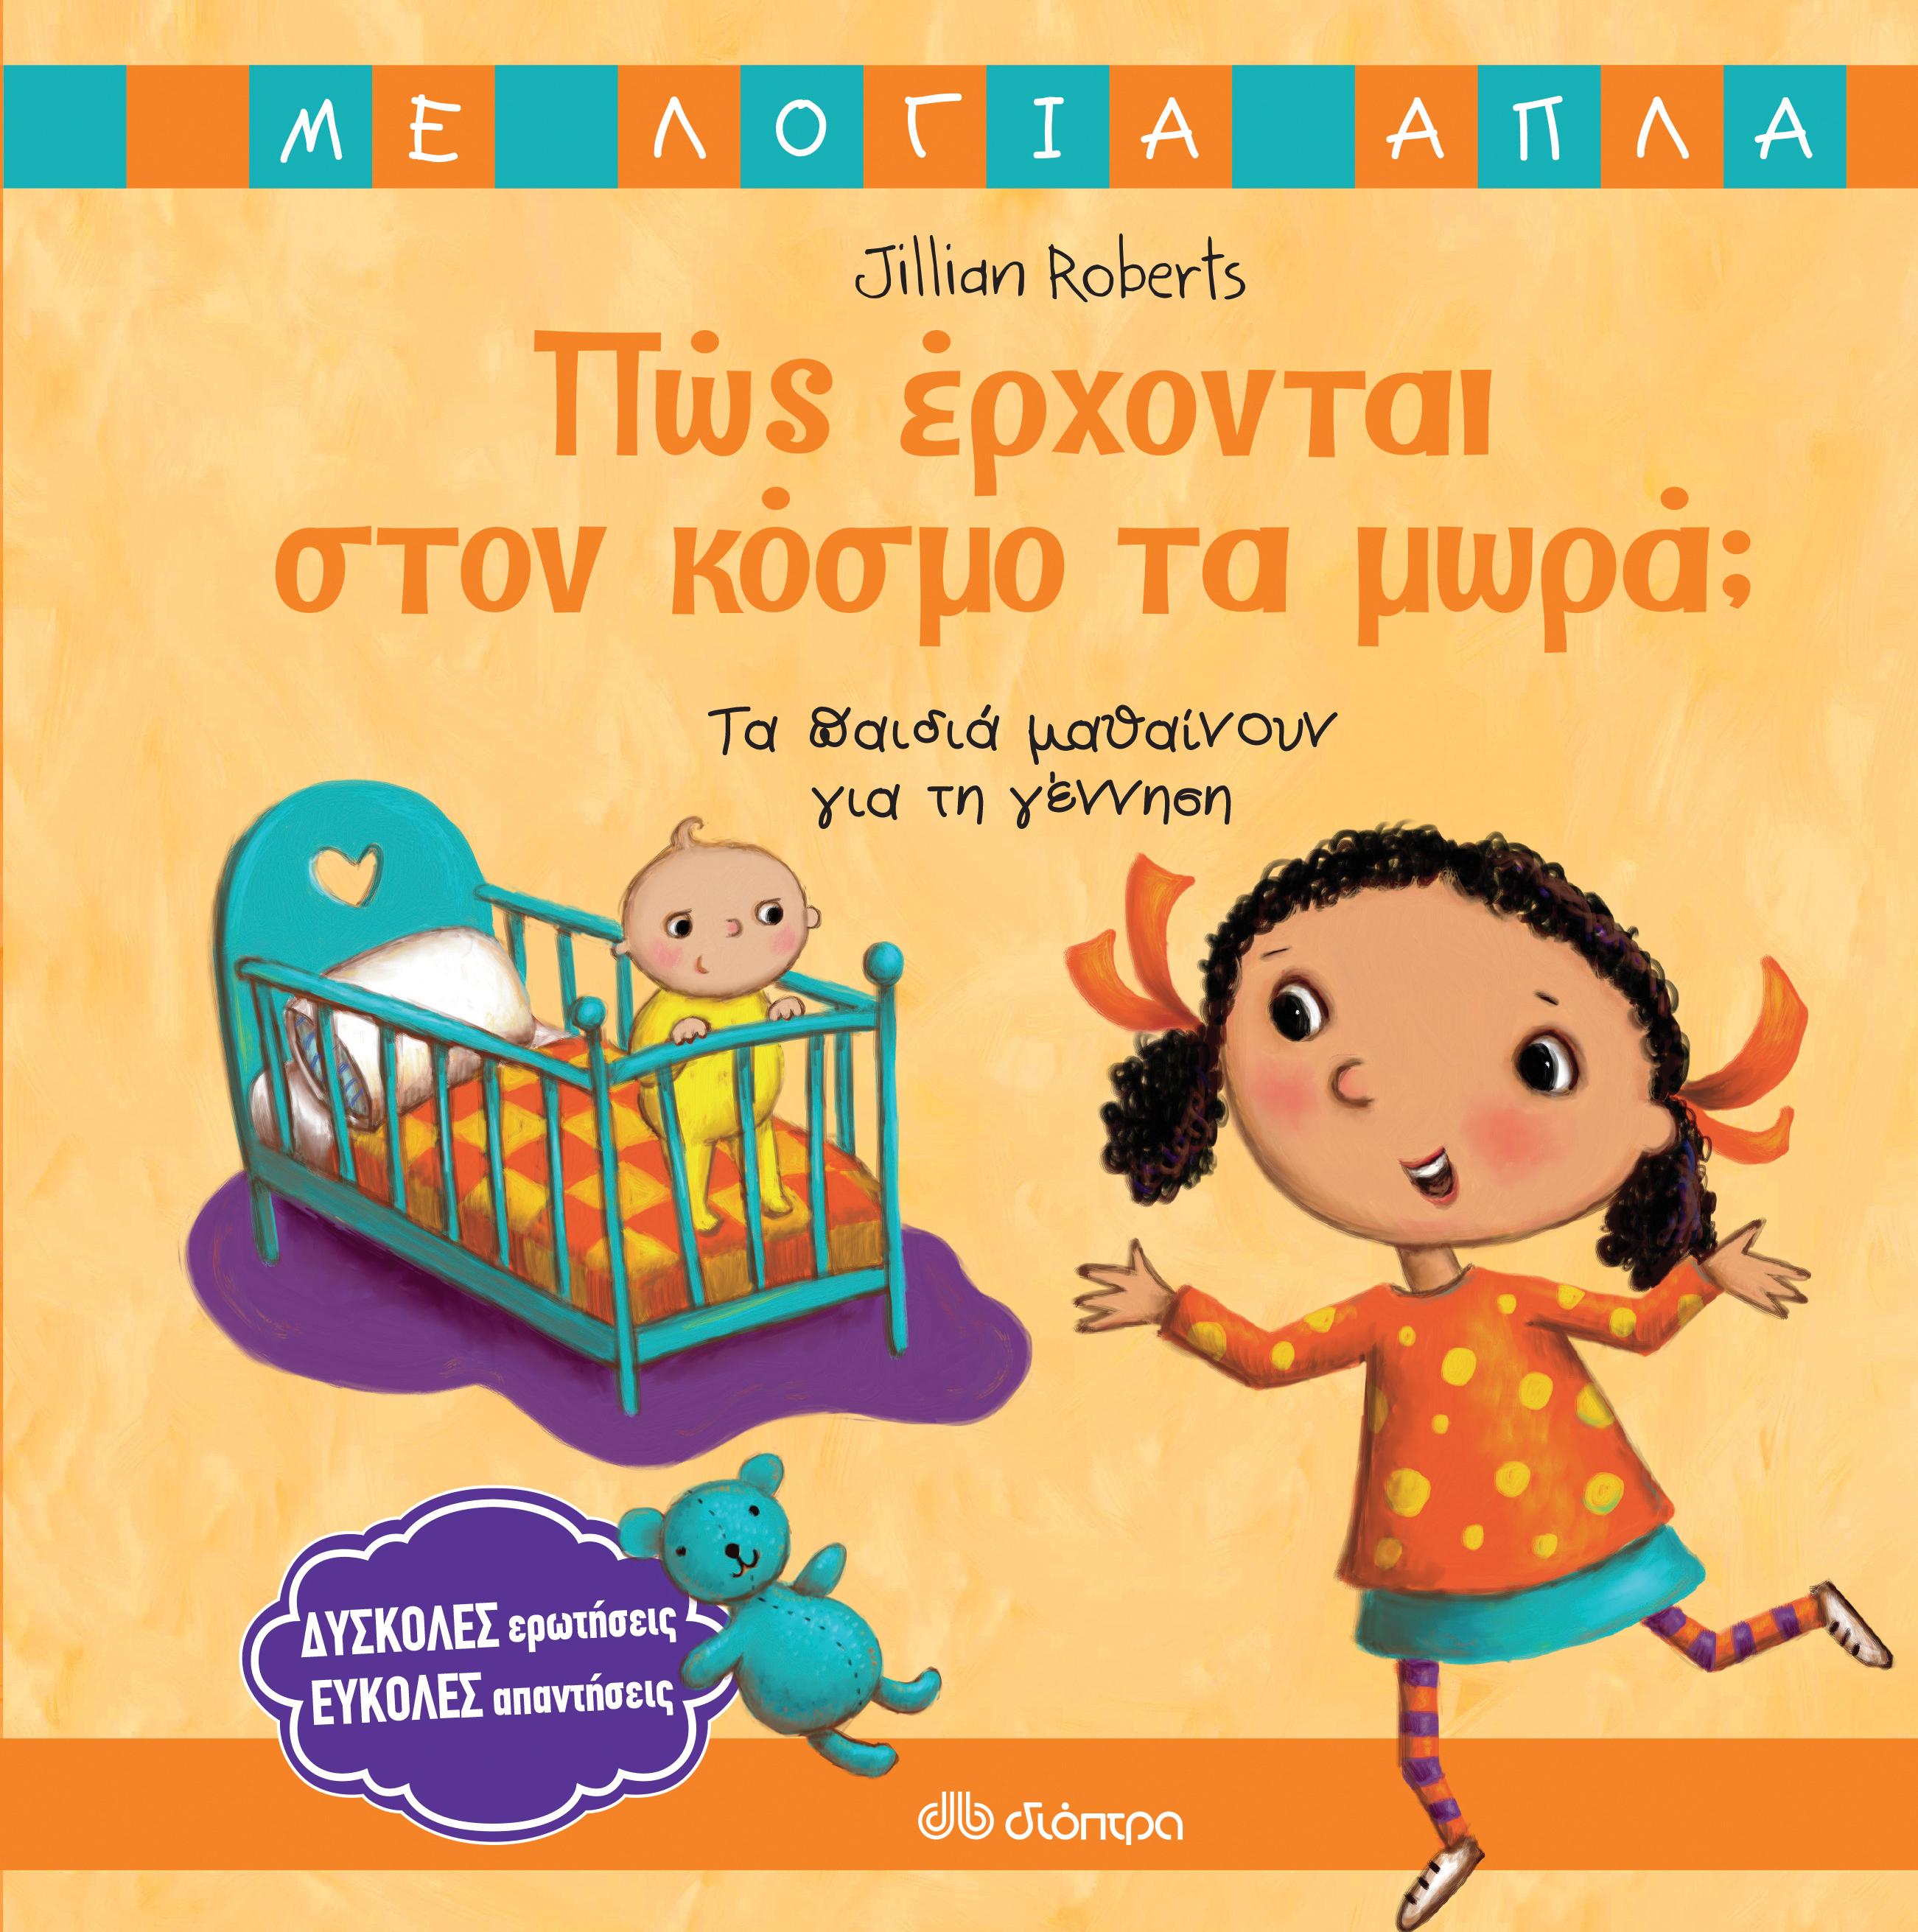 Πώς έρχονται στον κόσμο τα μωρά; - Τα παιδιά μαθαίνουν για τη γέννηση παιδικά βιβλία